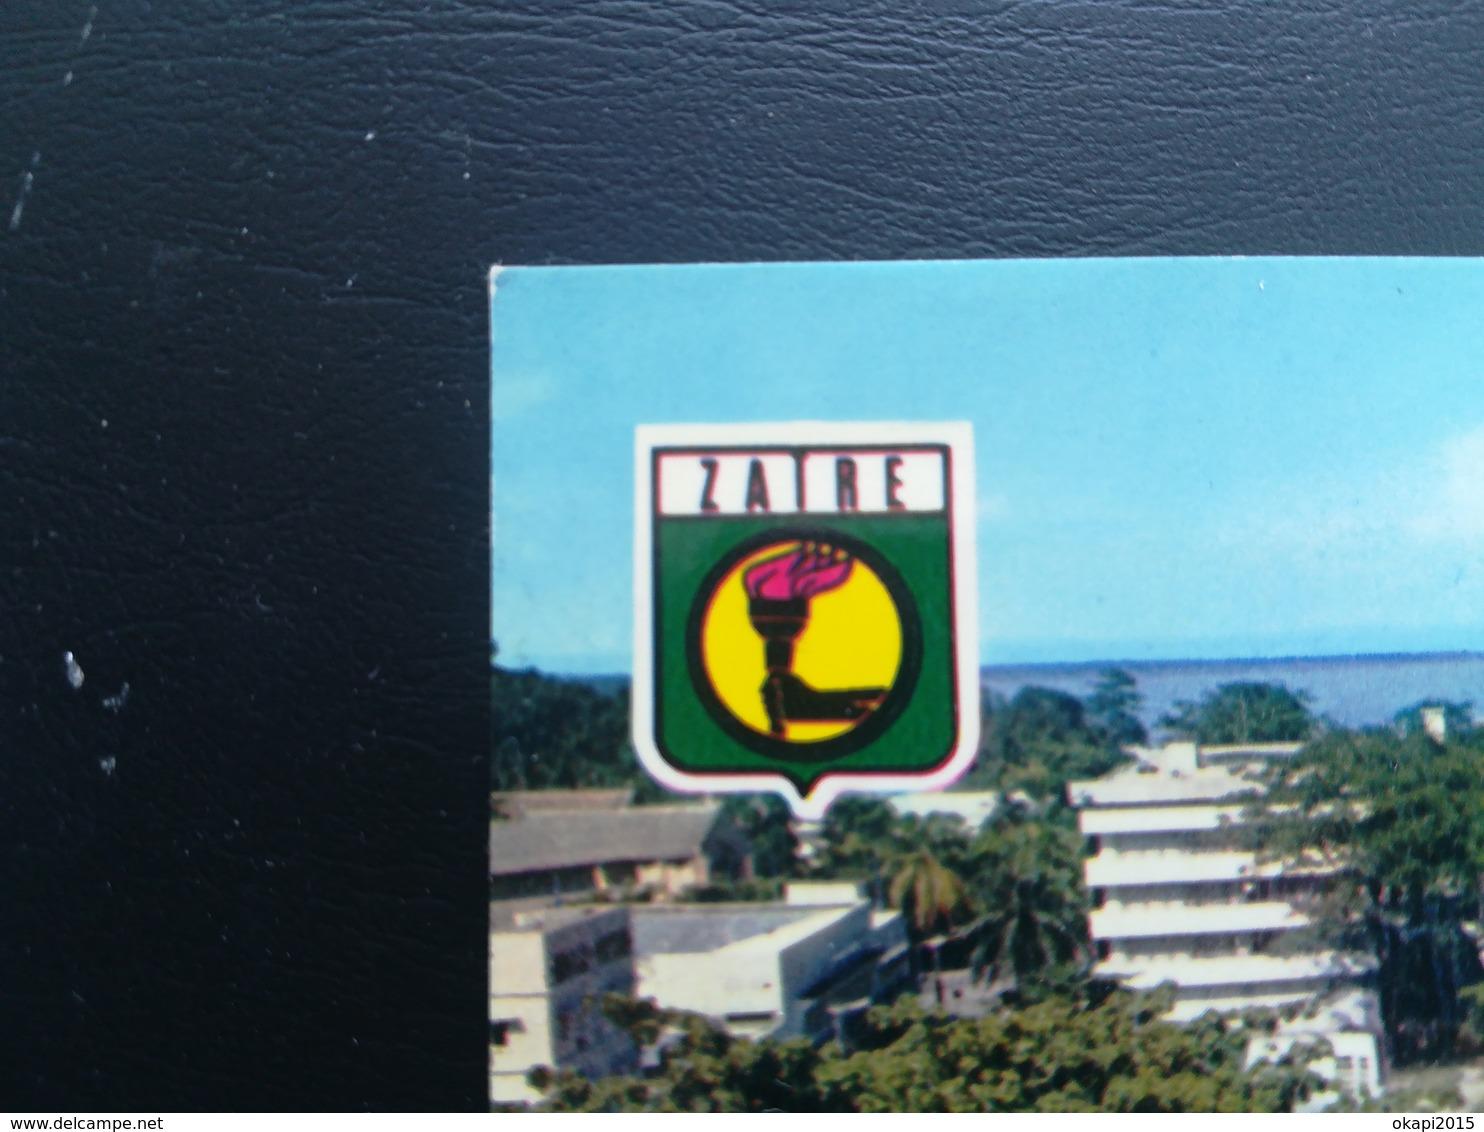 ZAÏRE KINSHASA BLVD DU 30 JUIN STATUE STANLEY LÉOPOLDVILLE DÉBOULONNÉ REMPLACÉ PAR UN ZAÏROIS  3 CARTES POSTALES + PHOTO - Kinshasa - Léopoldville